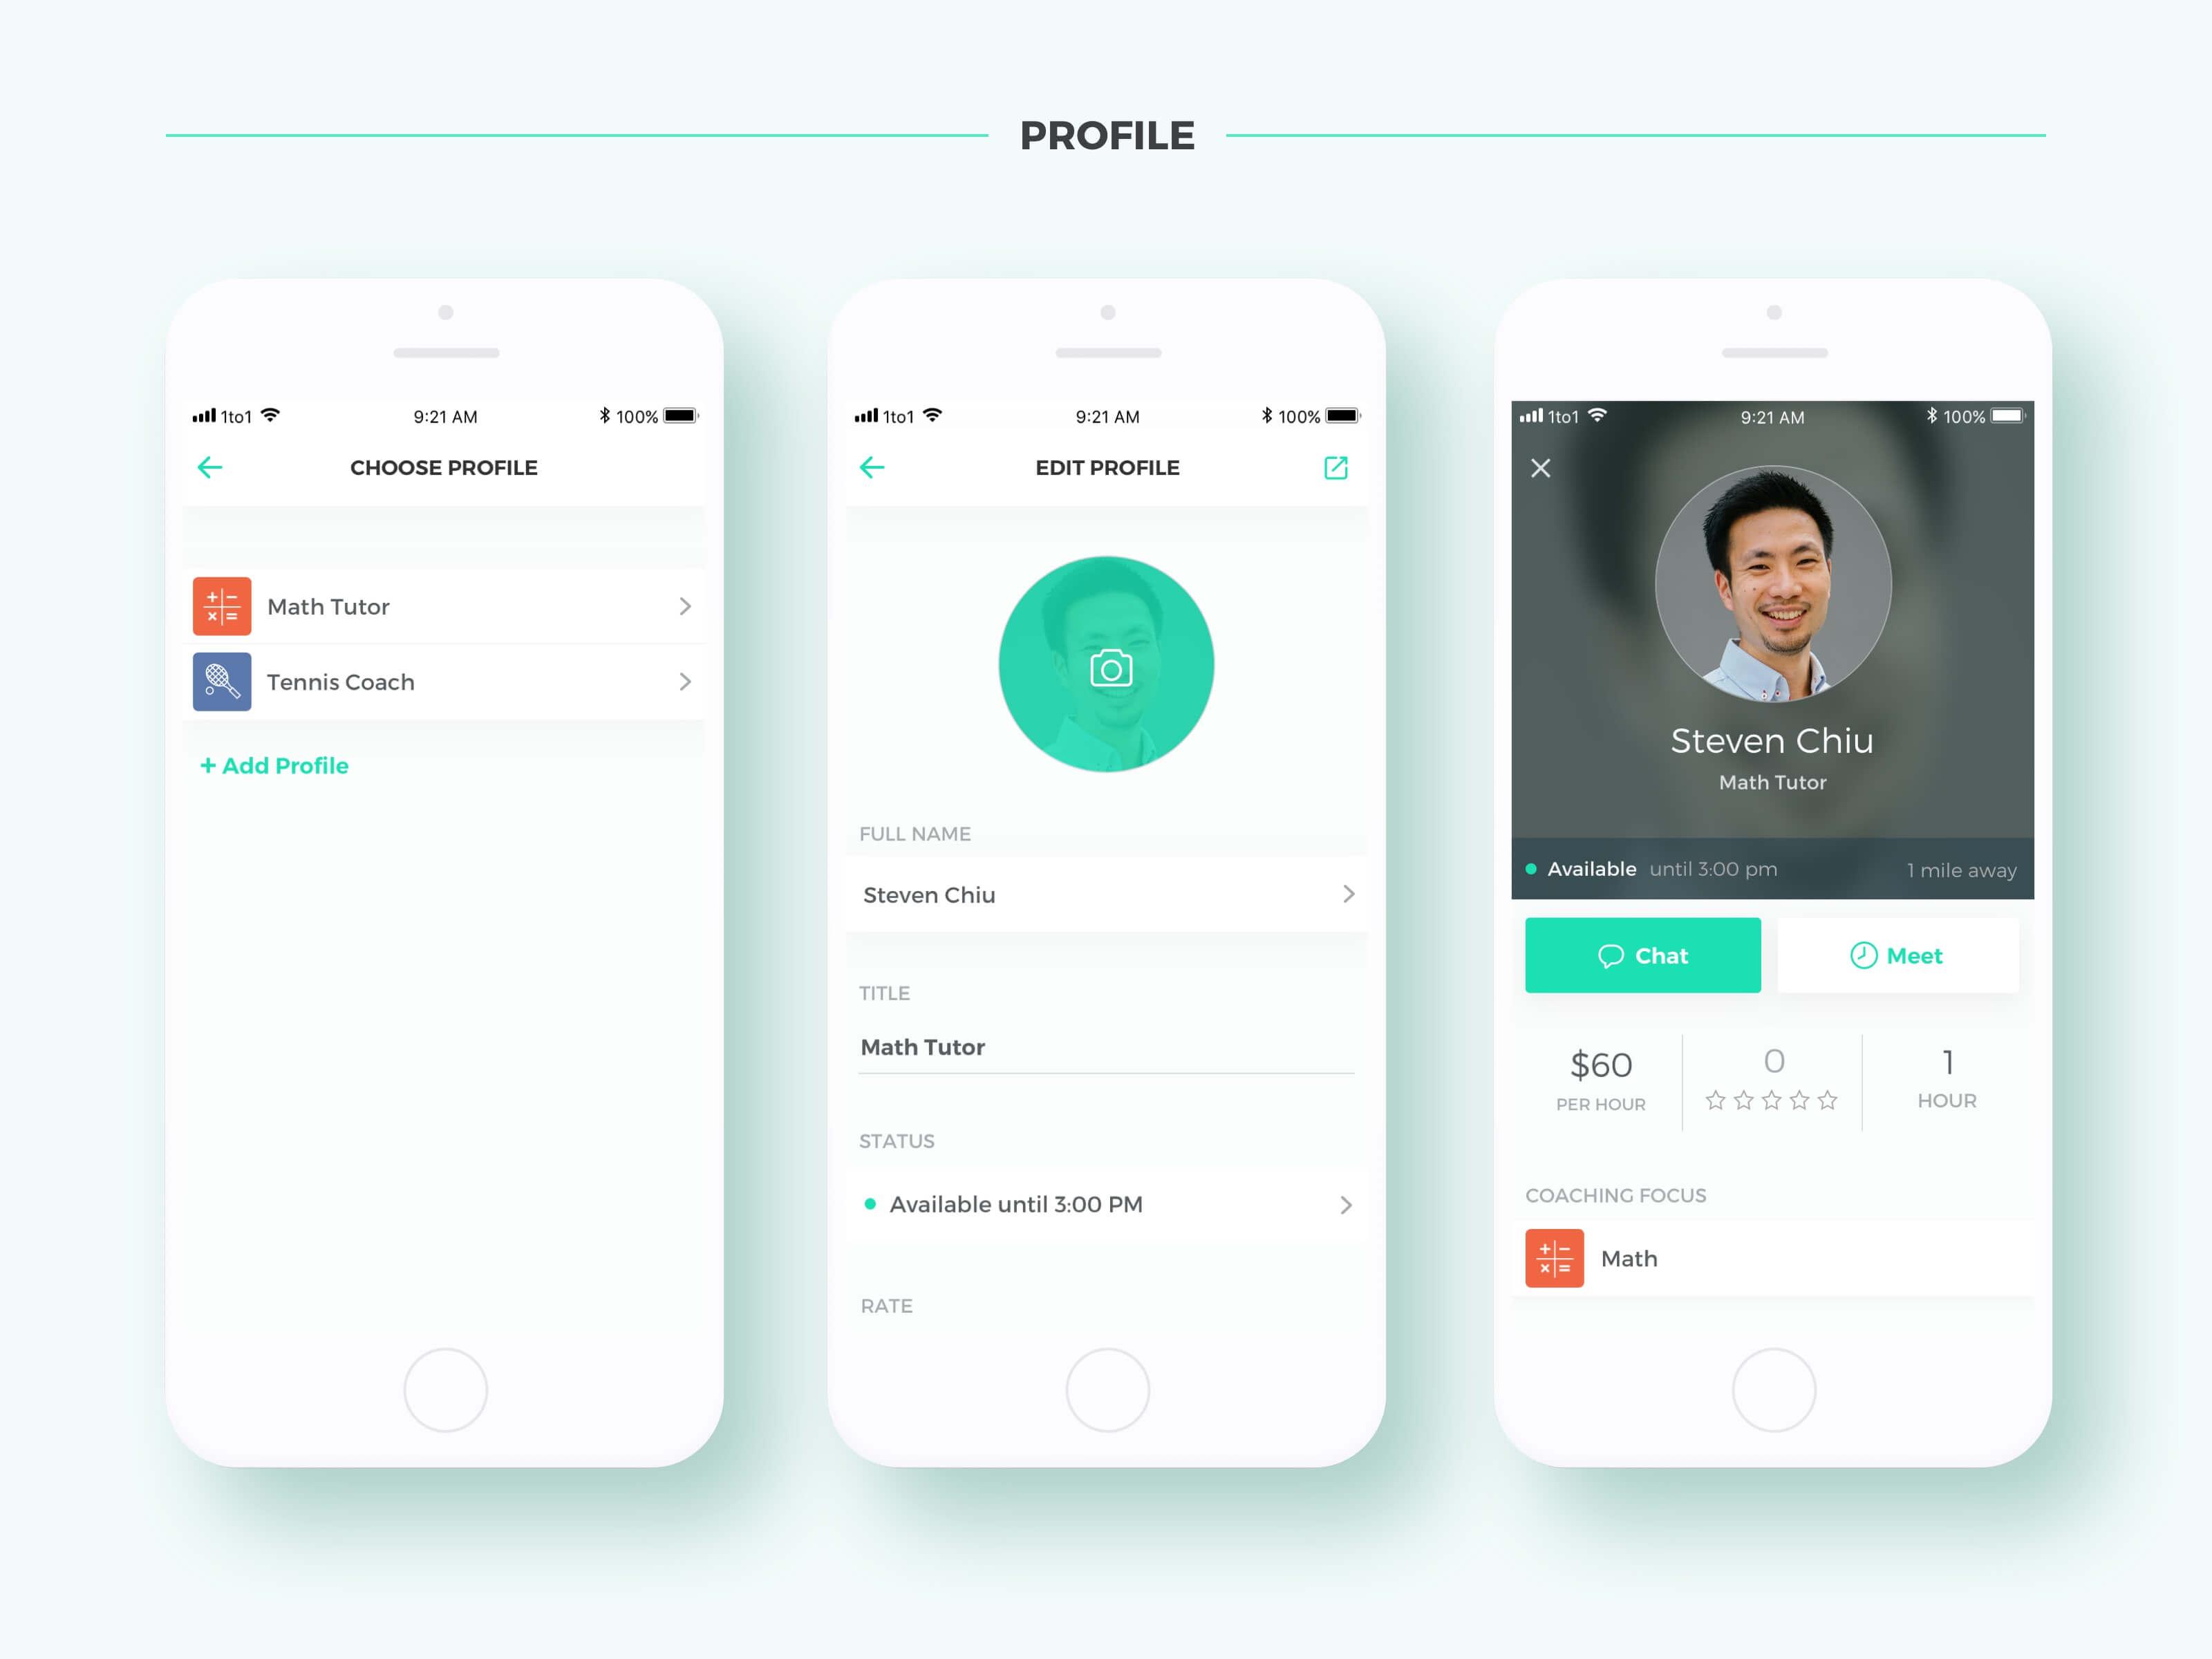 Coach+ Profile